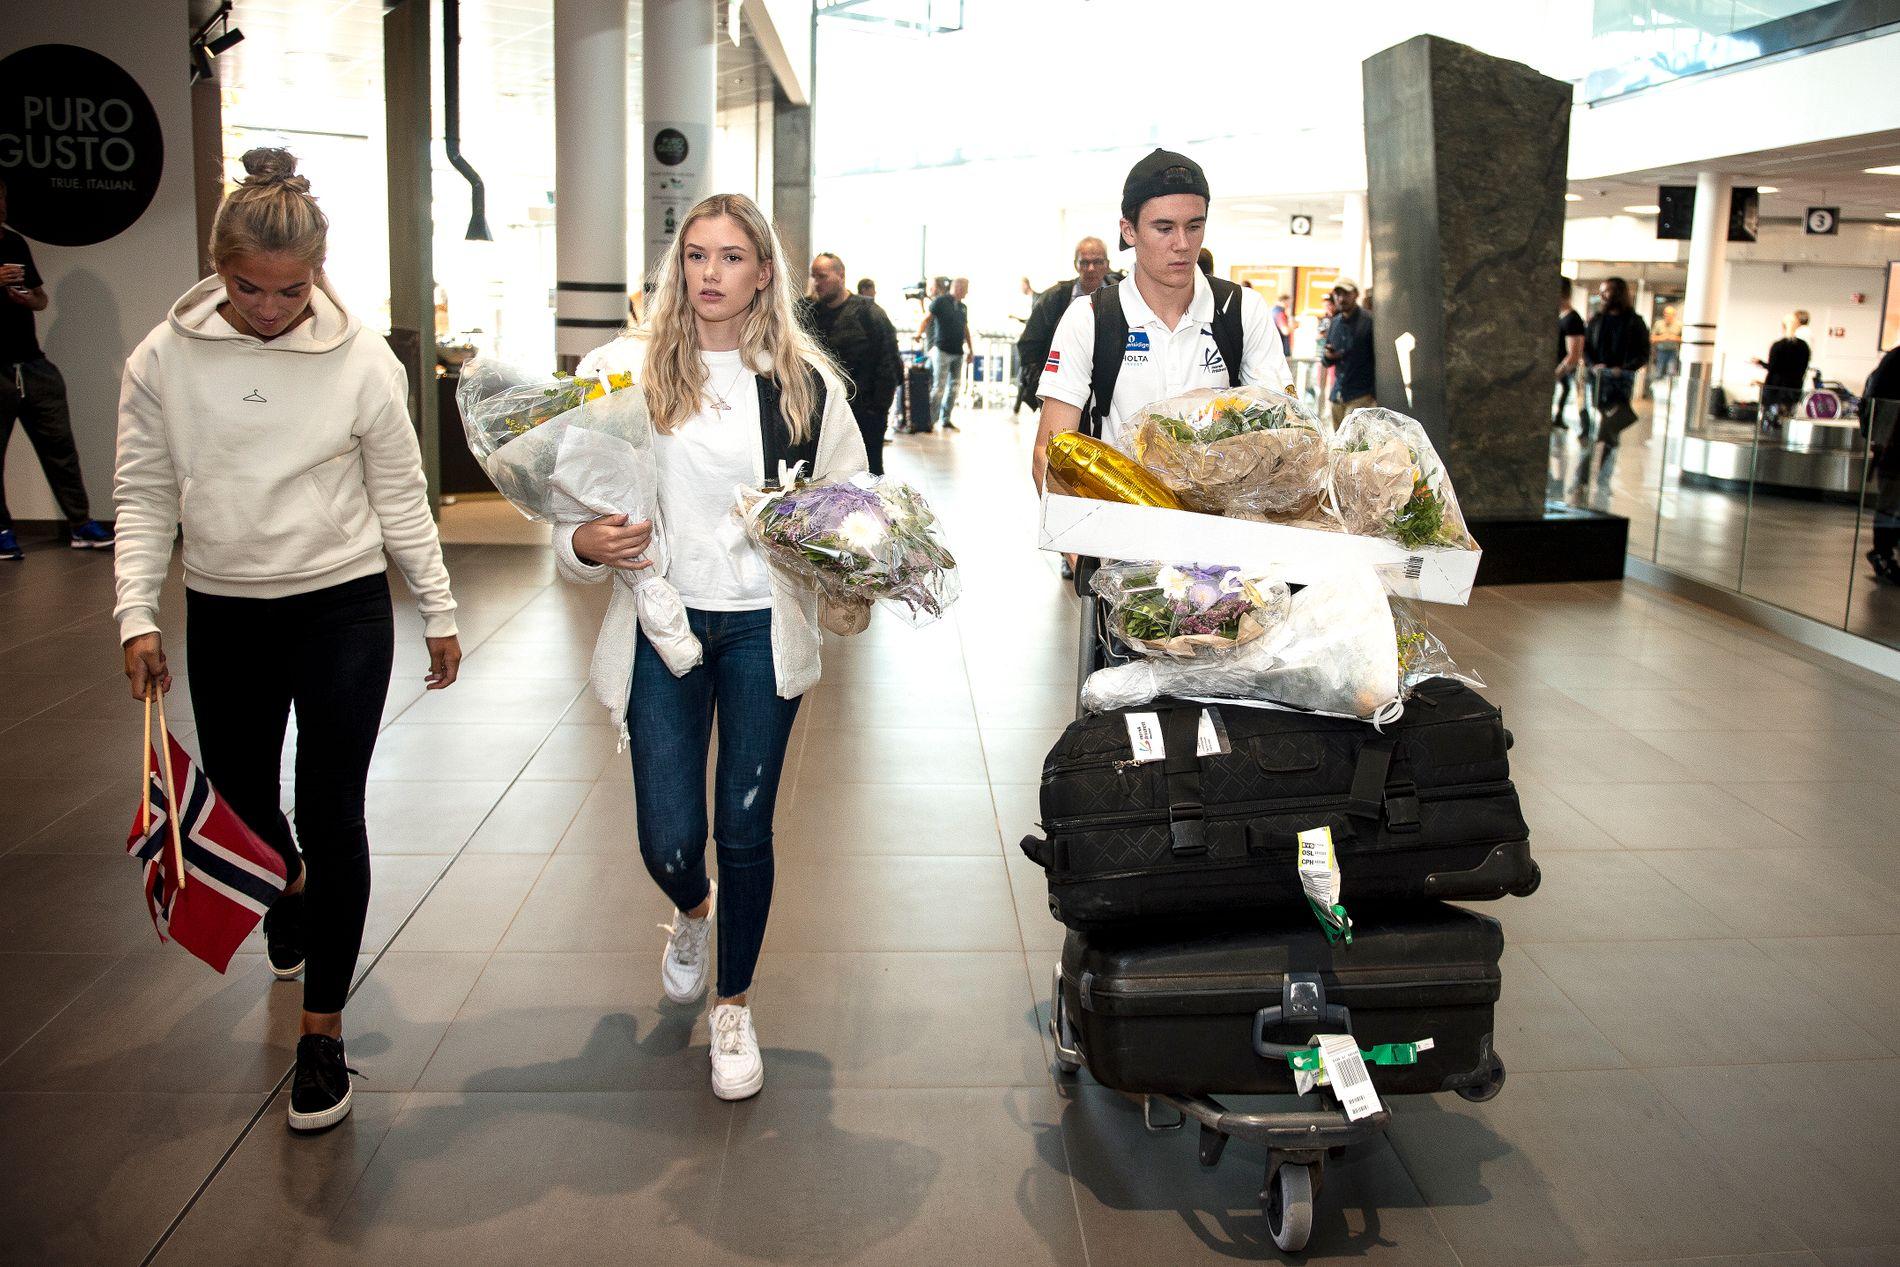 TILBAKE I NORGE: Jakob Ingebrigtsen sammen med kjæresten Elisabeth Asserson etter å ha landet på Sola flyplass mandag ettermiddag.